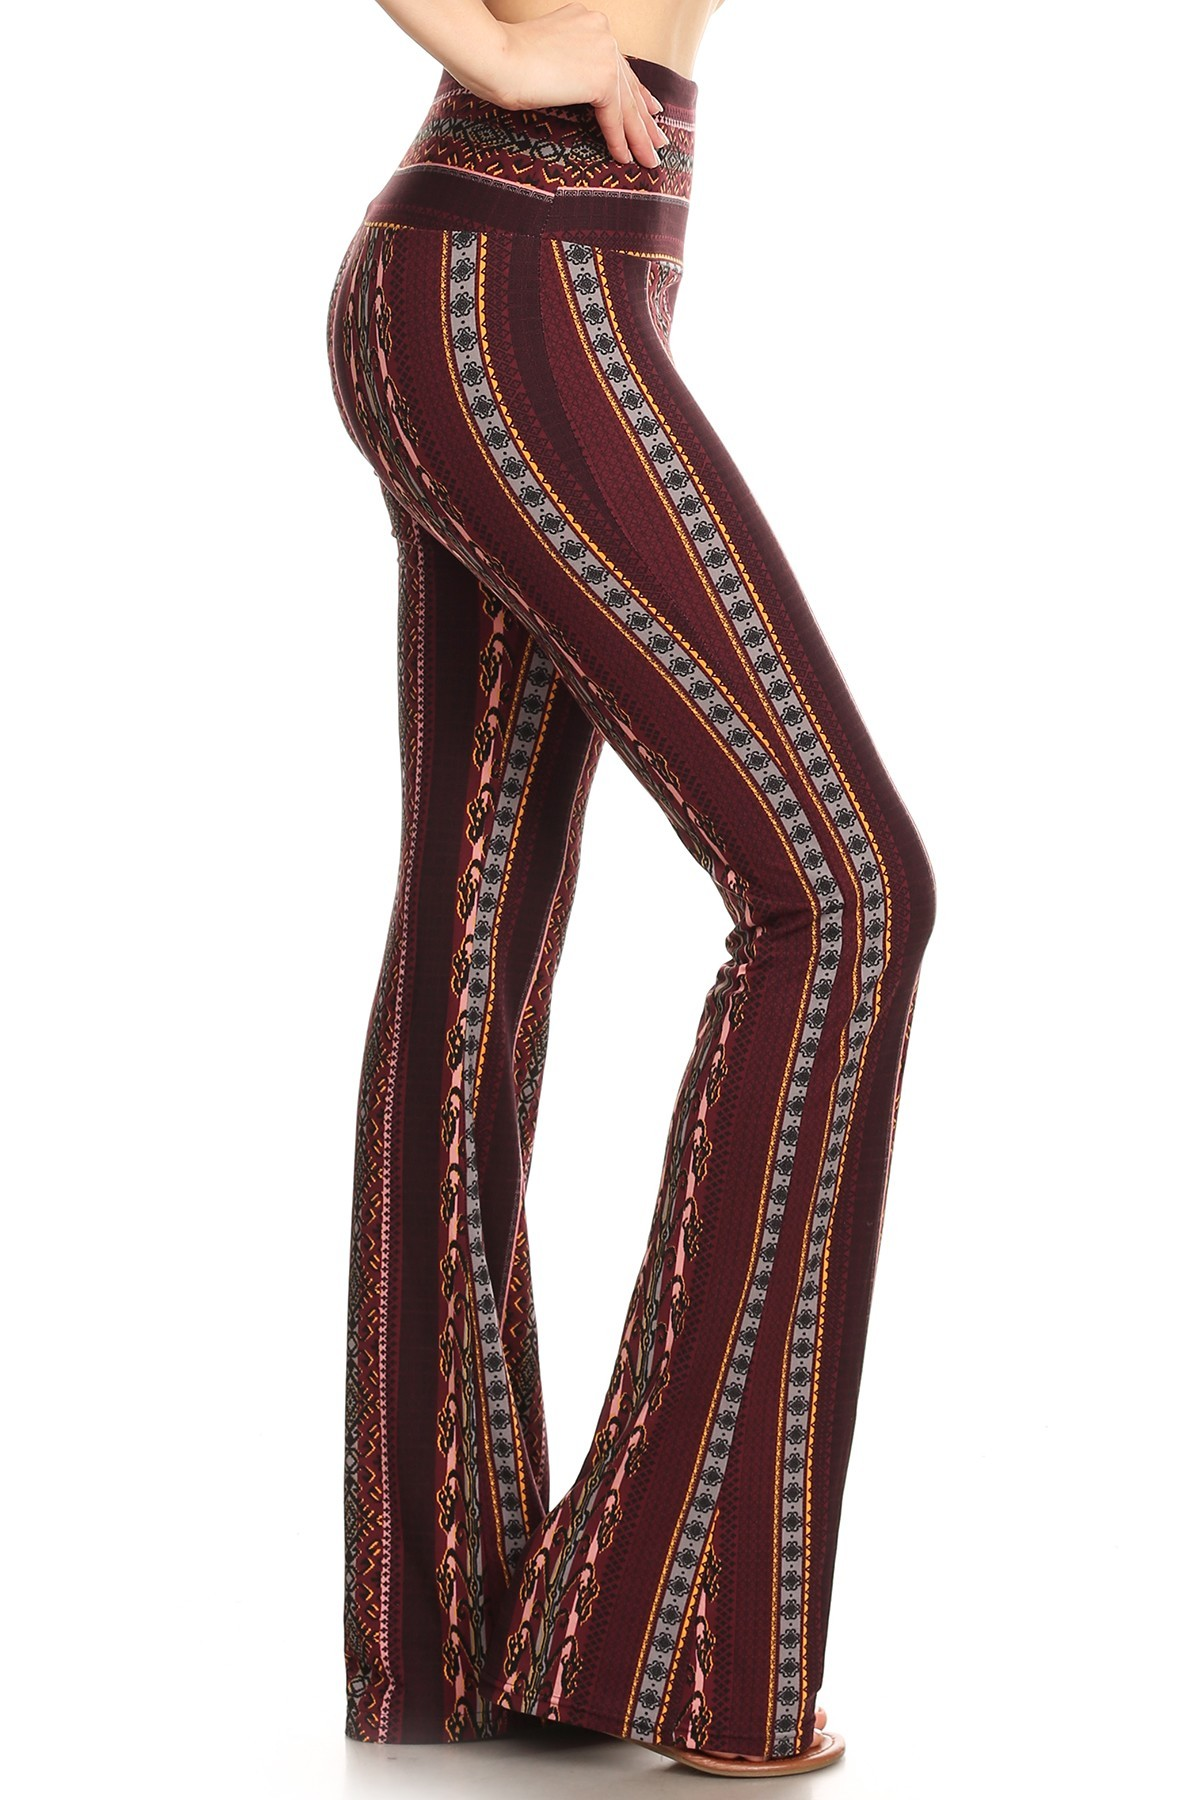 BROWN/KHAKI BOHO PRINT HIGH WAIST BRUSH POLY FLARE PANTS#8FP06-08